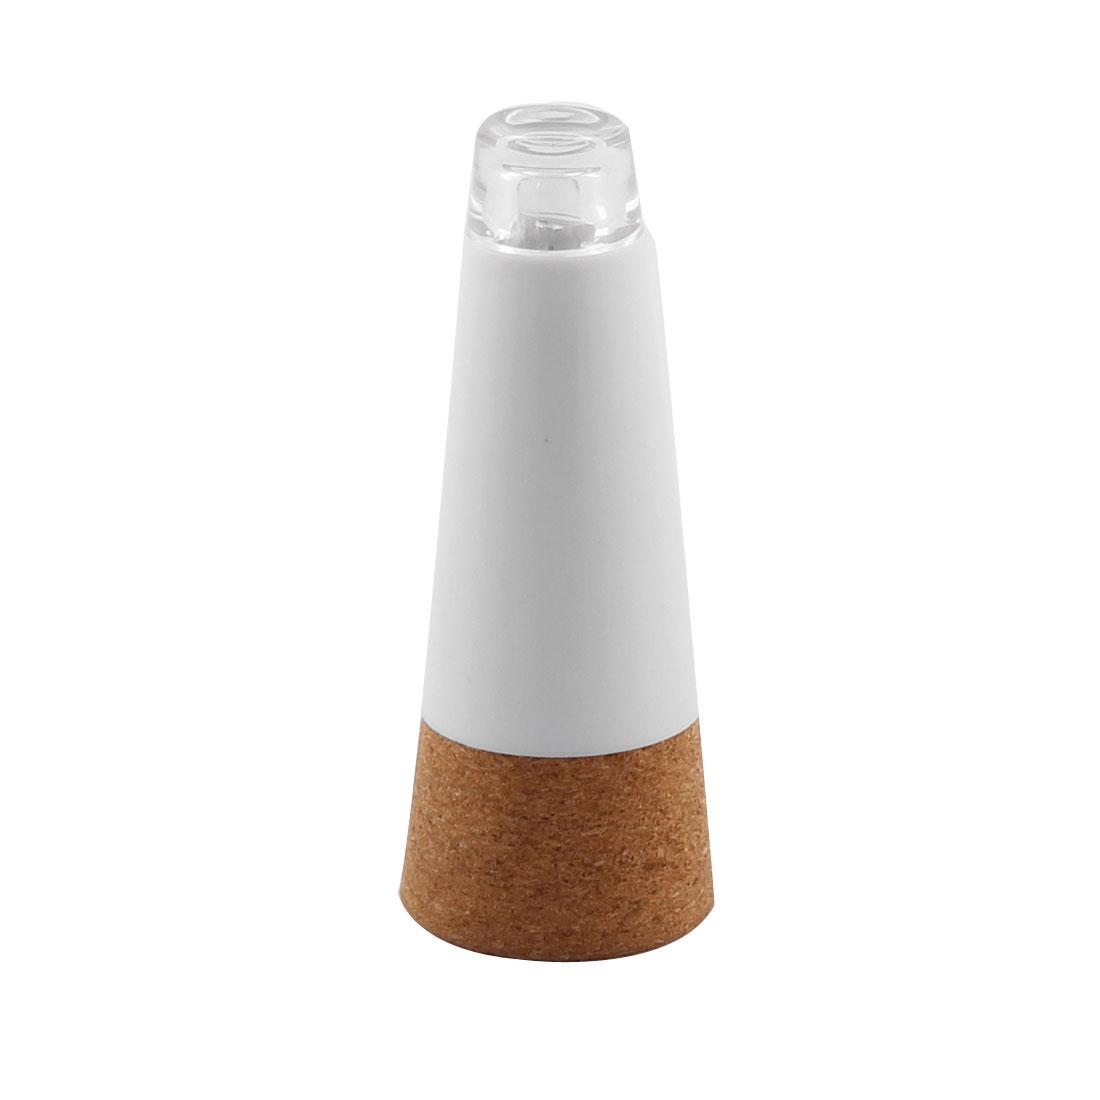 USB Powered LED Lamp Nightlight Stopper Decor Empty Wine Bottle White Light